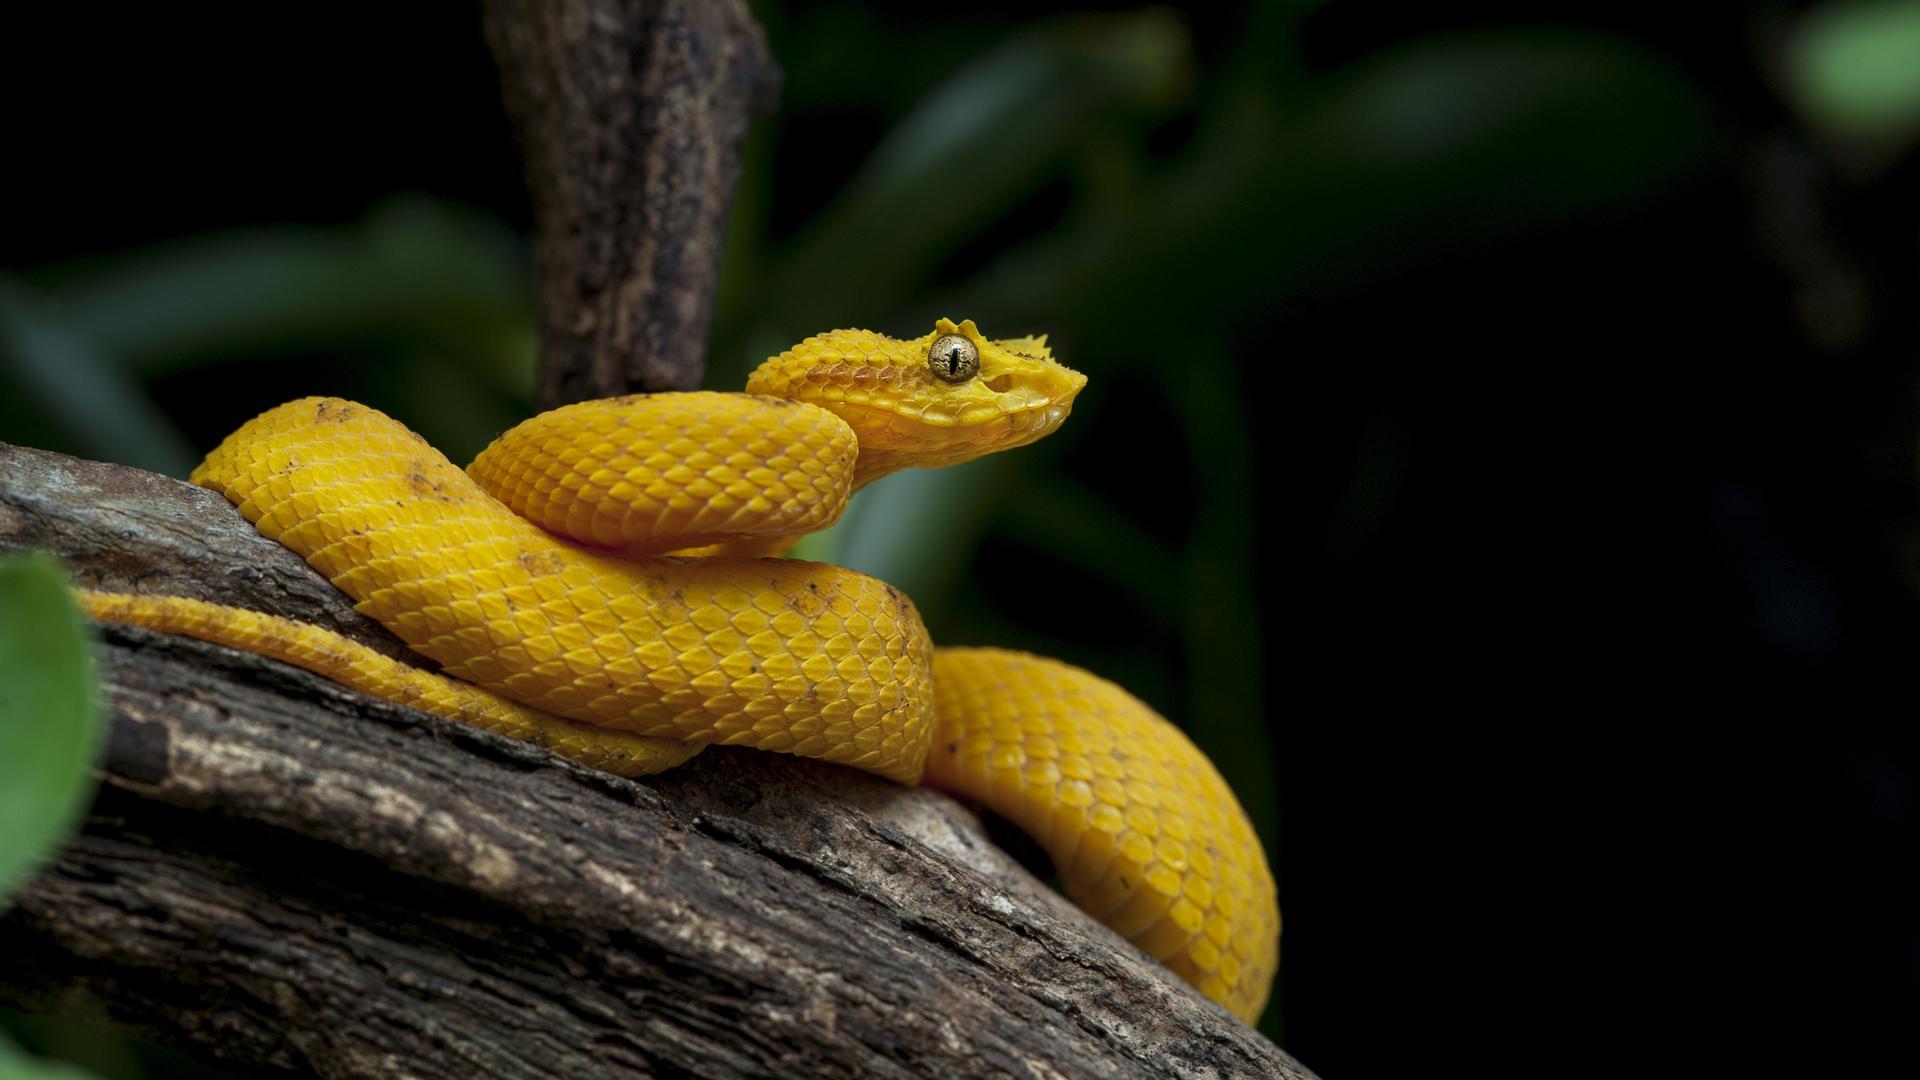 Mit einem Biss verabreicht sie ein hochwirksames Gift, das Blut, Gewebe und Nerven gleichermaßen angreift: die gelbe Greifschwanz-Lanzenotter (Bothriechis schlegelii).